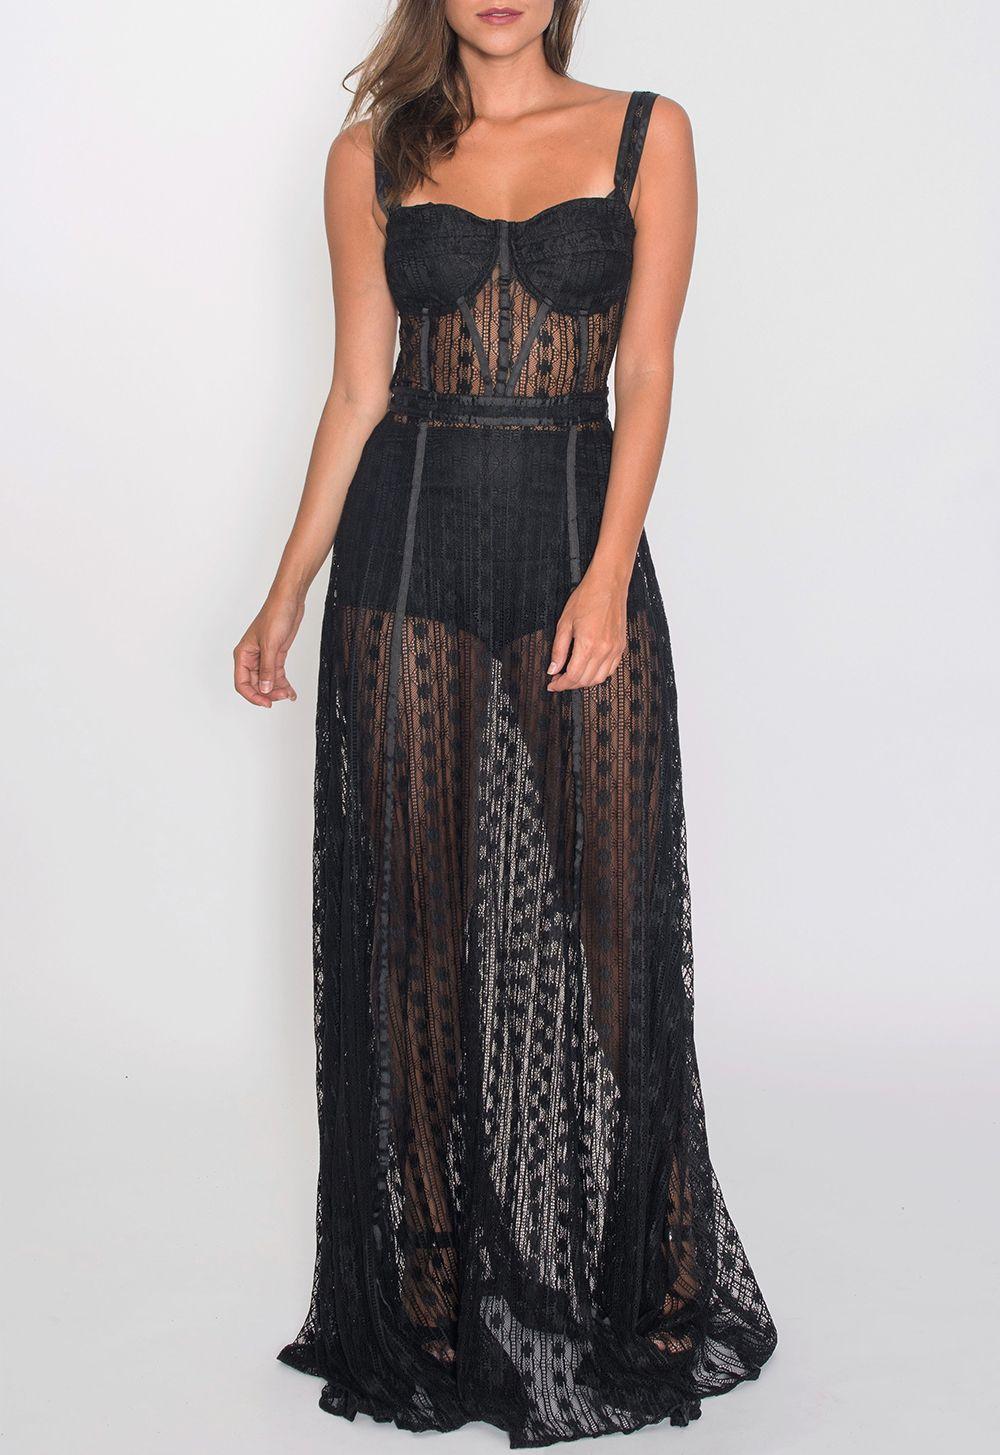 5a0f04f5a1 Vestido longo todo em renda transparente. Possui parte superior estilo  corselet com aro no busto